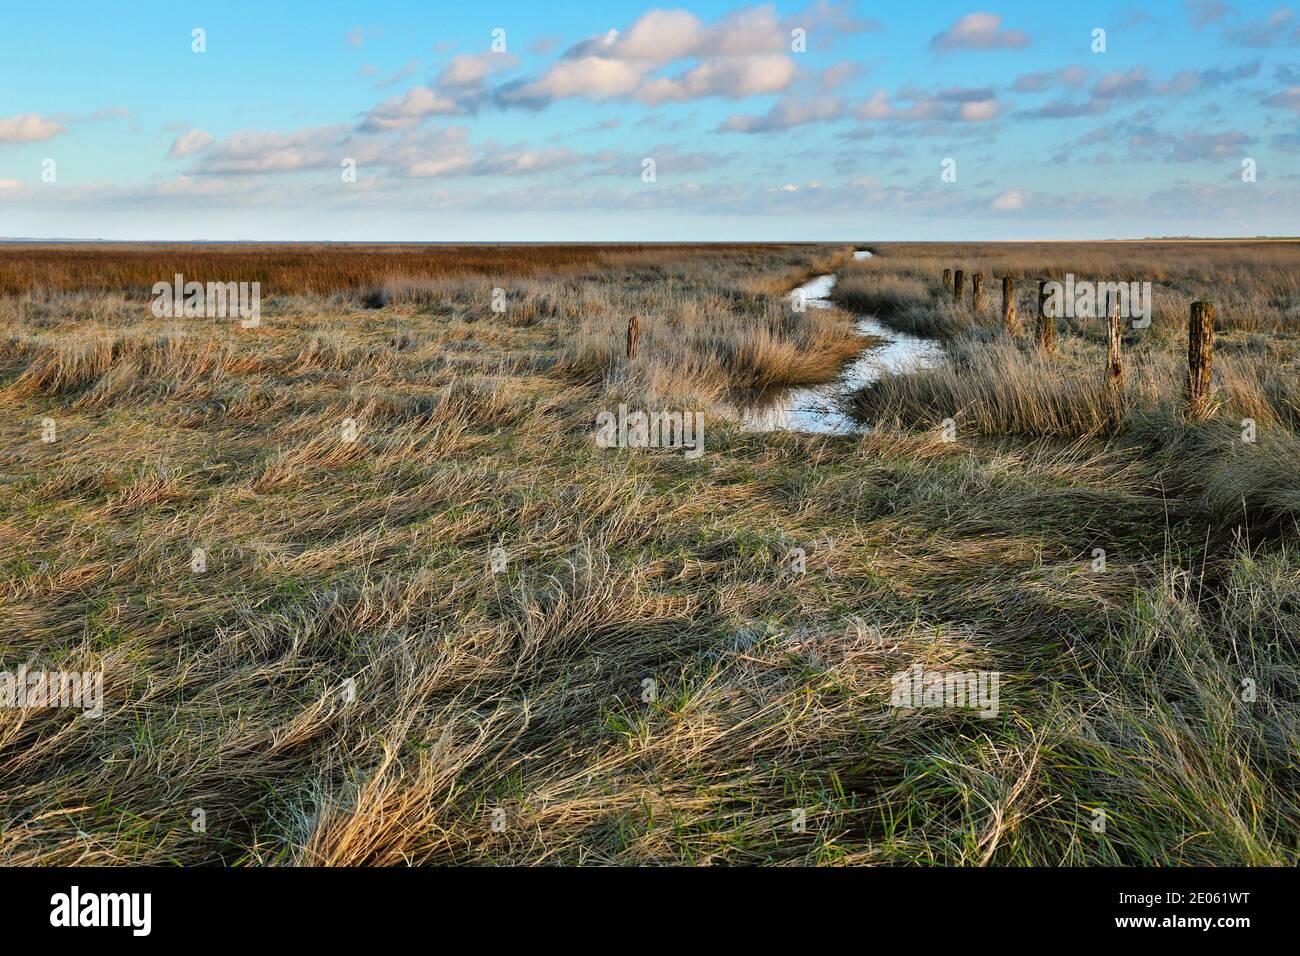 Un marais salé dans la Basse-Saxe de la mer de Wadden, Allemagne. Les clôtures et le fossé sont caractéristiques des marais salants de la mer du Nord. Banque D'Images